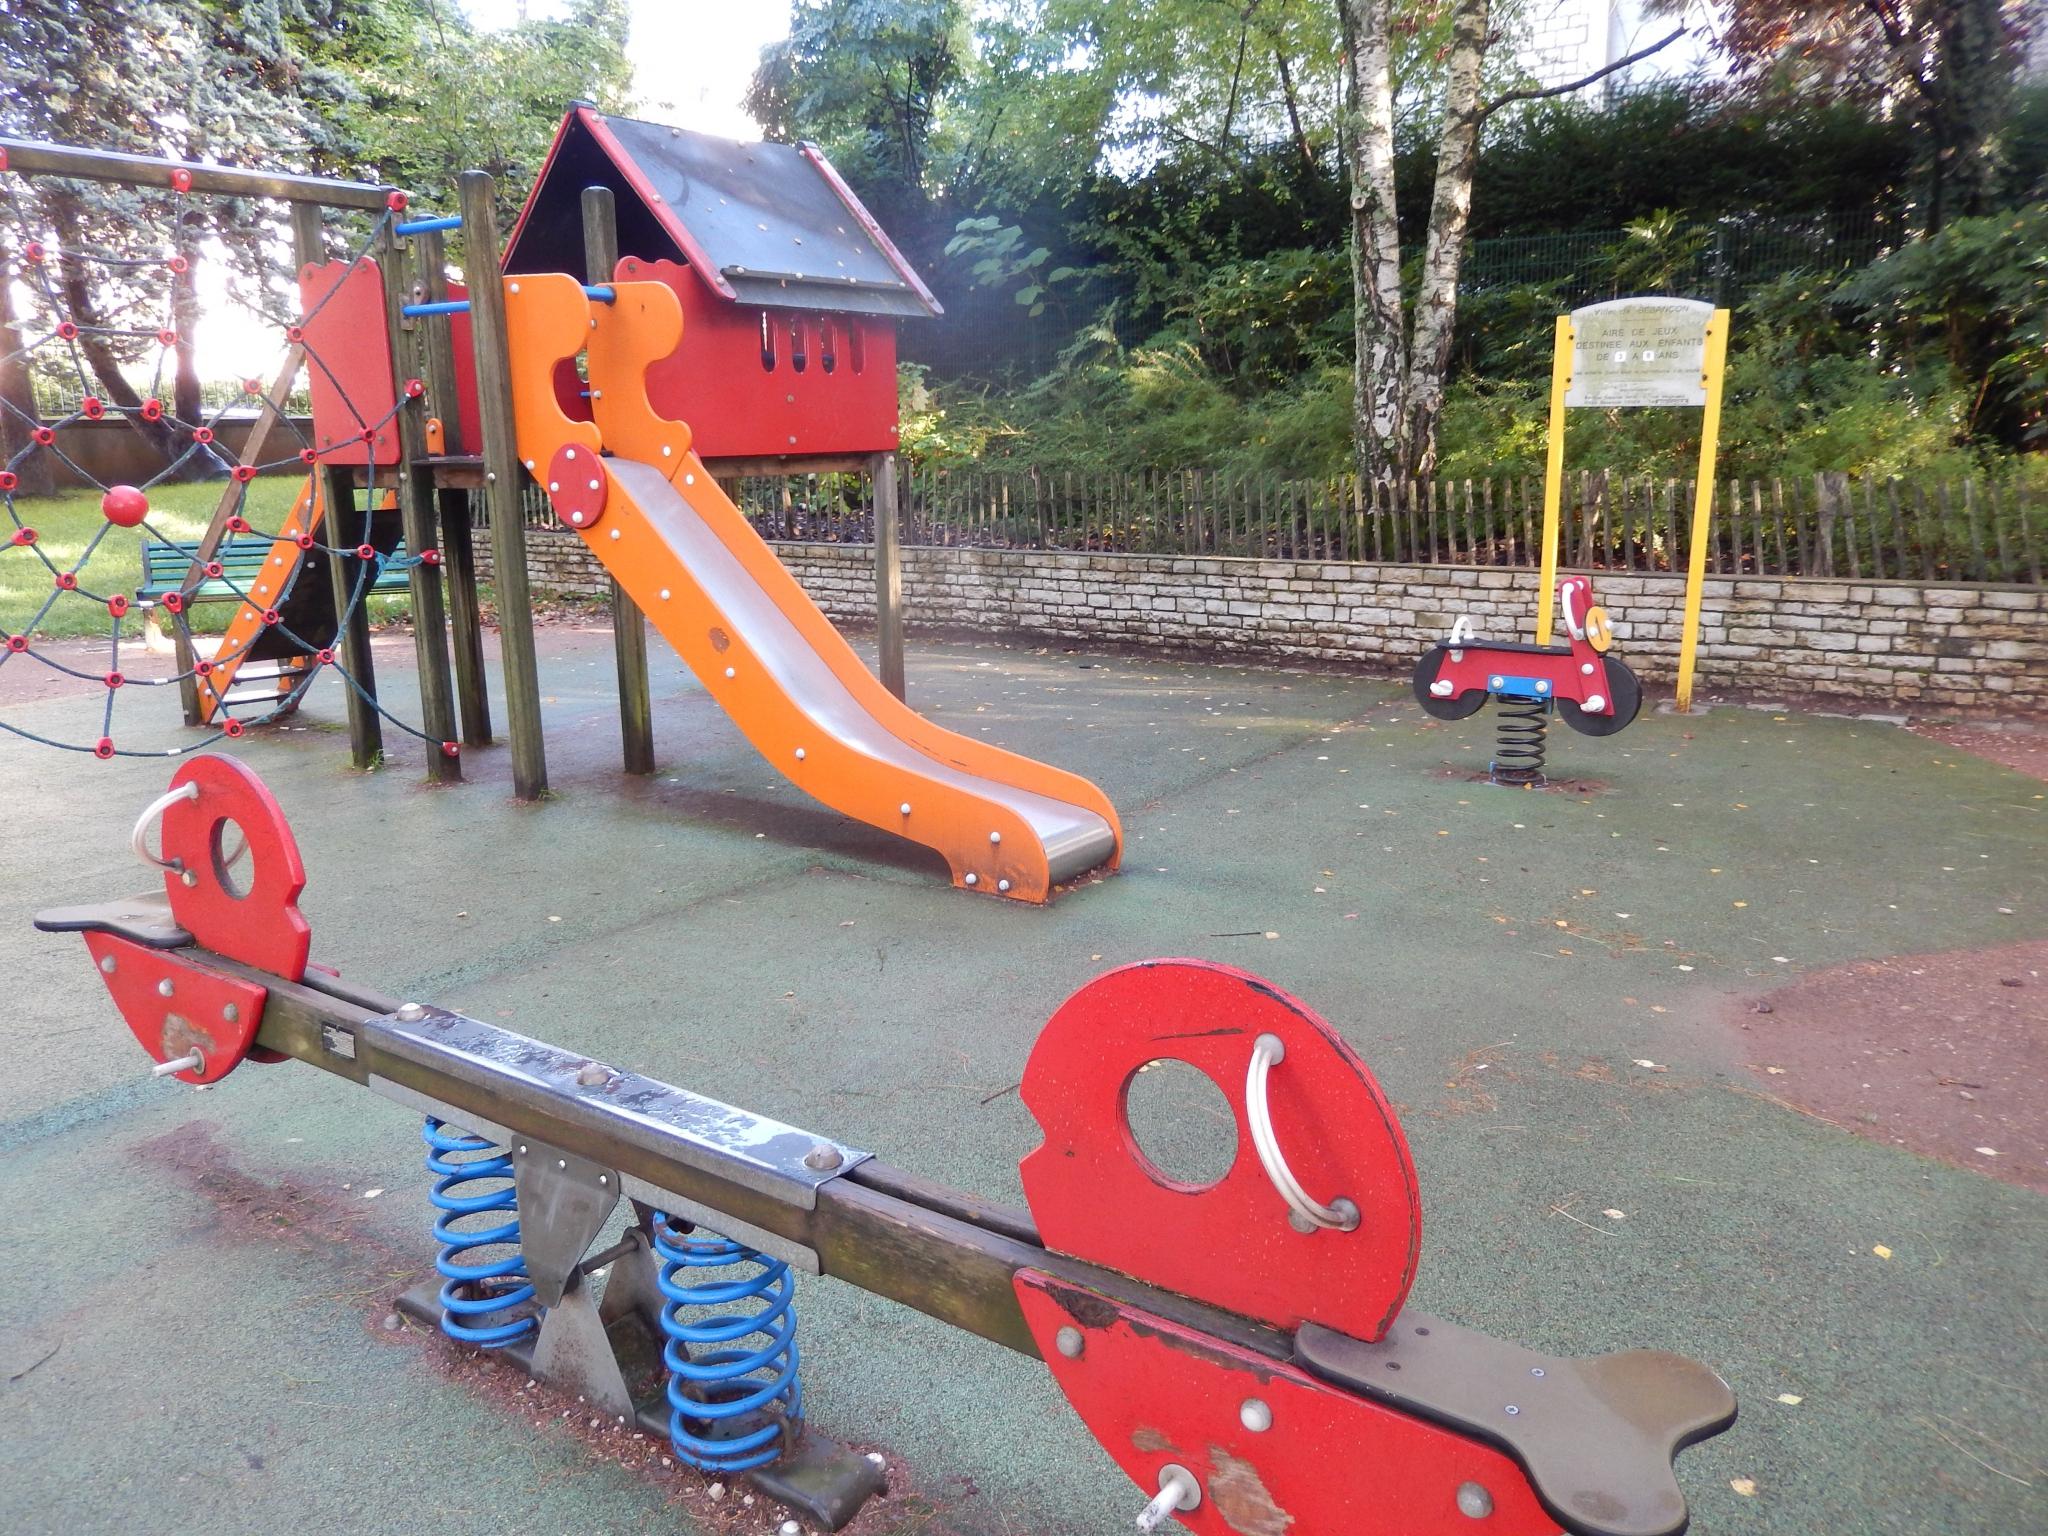 Plus De Jeux, Dans Les Parcs Du Quartier, Pour Les Jeunes avec Jeux Pour Jeunes Enfants